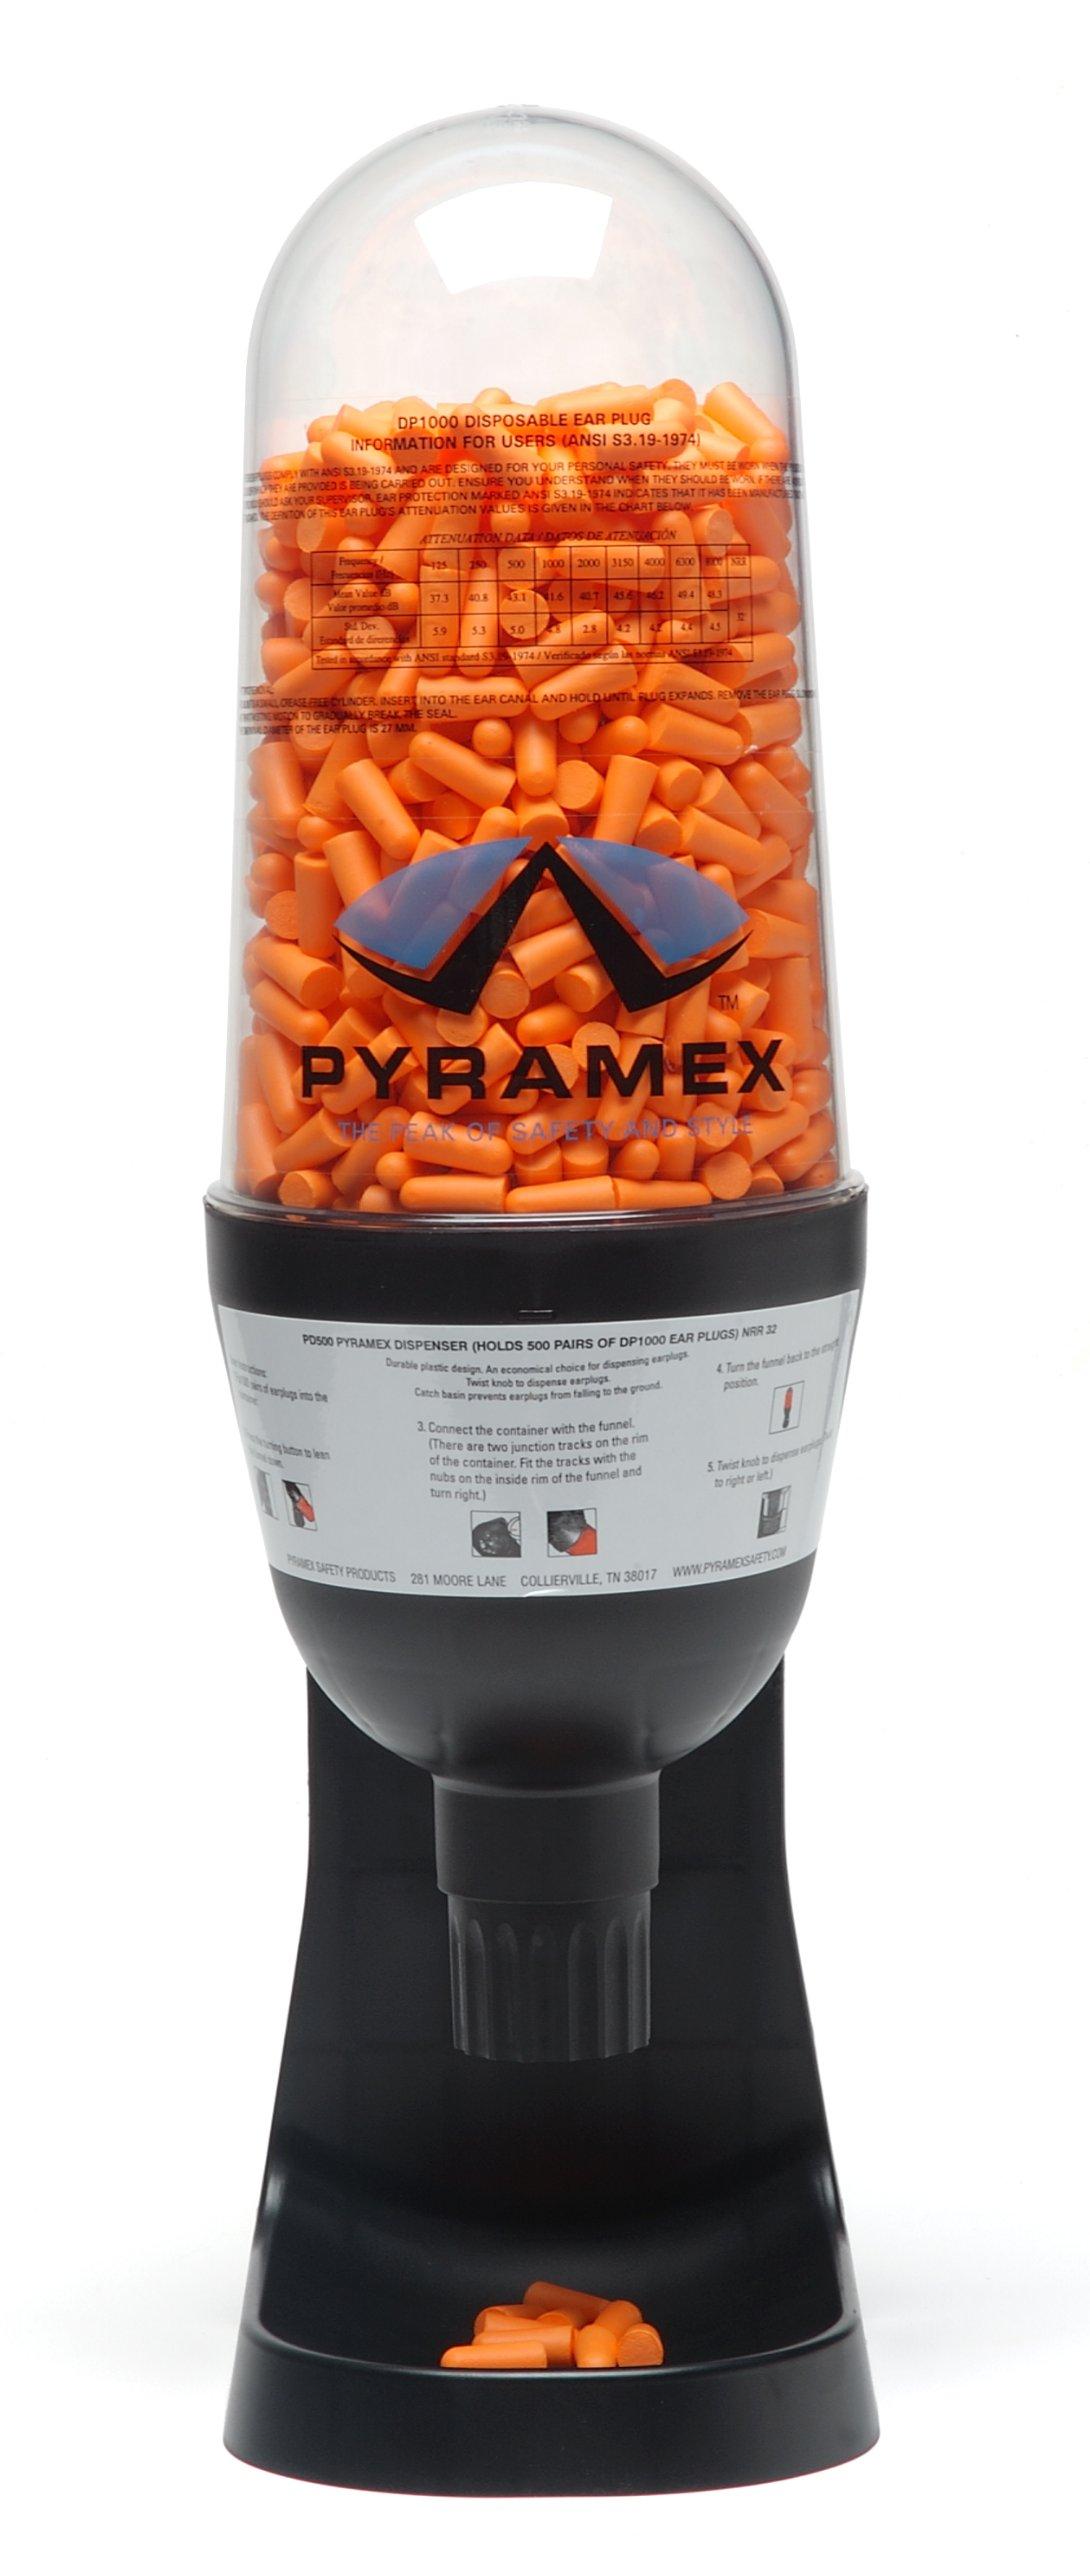 Pyramex Ear Plug Dispenser